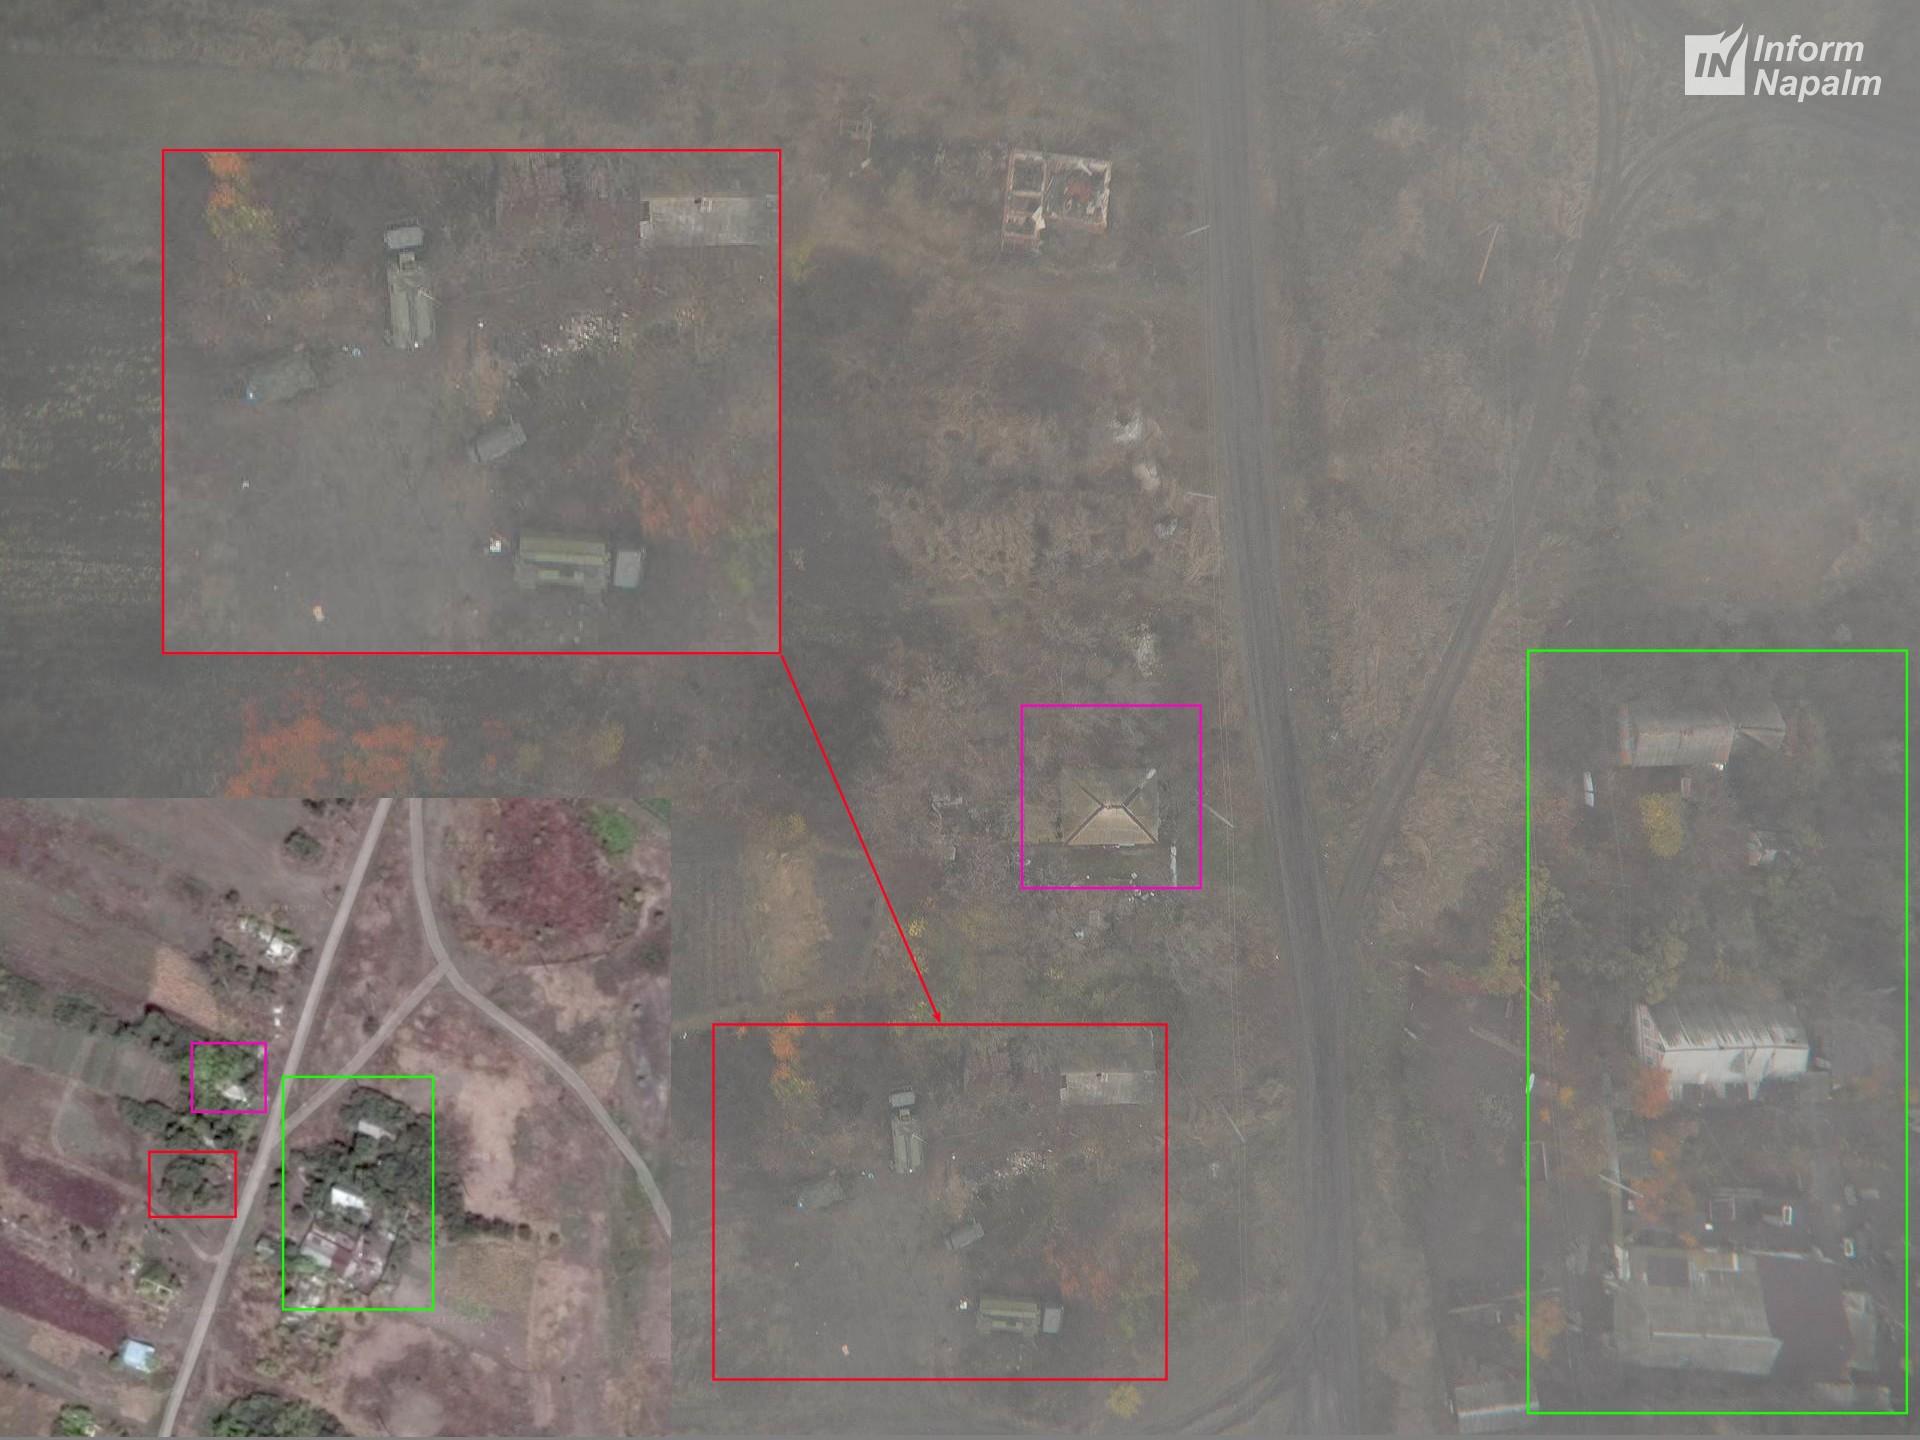 Российская станцияпомех Р-330Ж выявлена за 7 км от линии разграничения на Донбассе